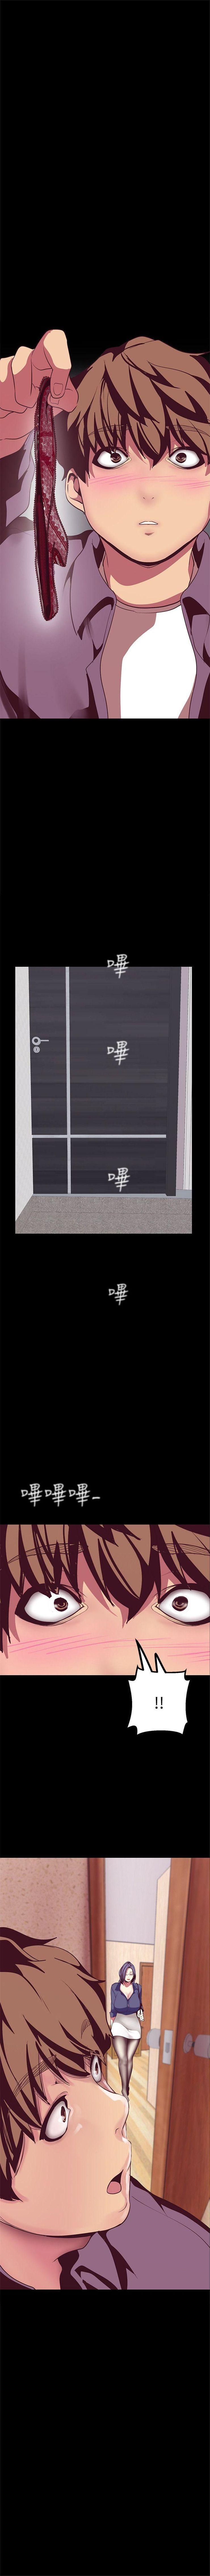 (週1)美麗新世界 1-76 中文翻譯 (更新中) 142